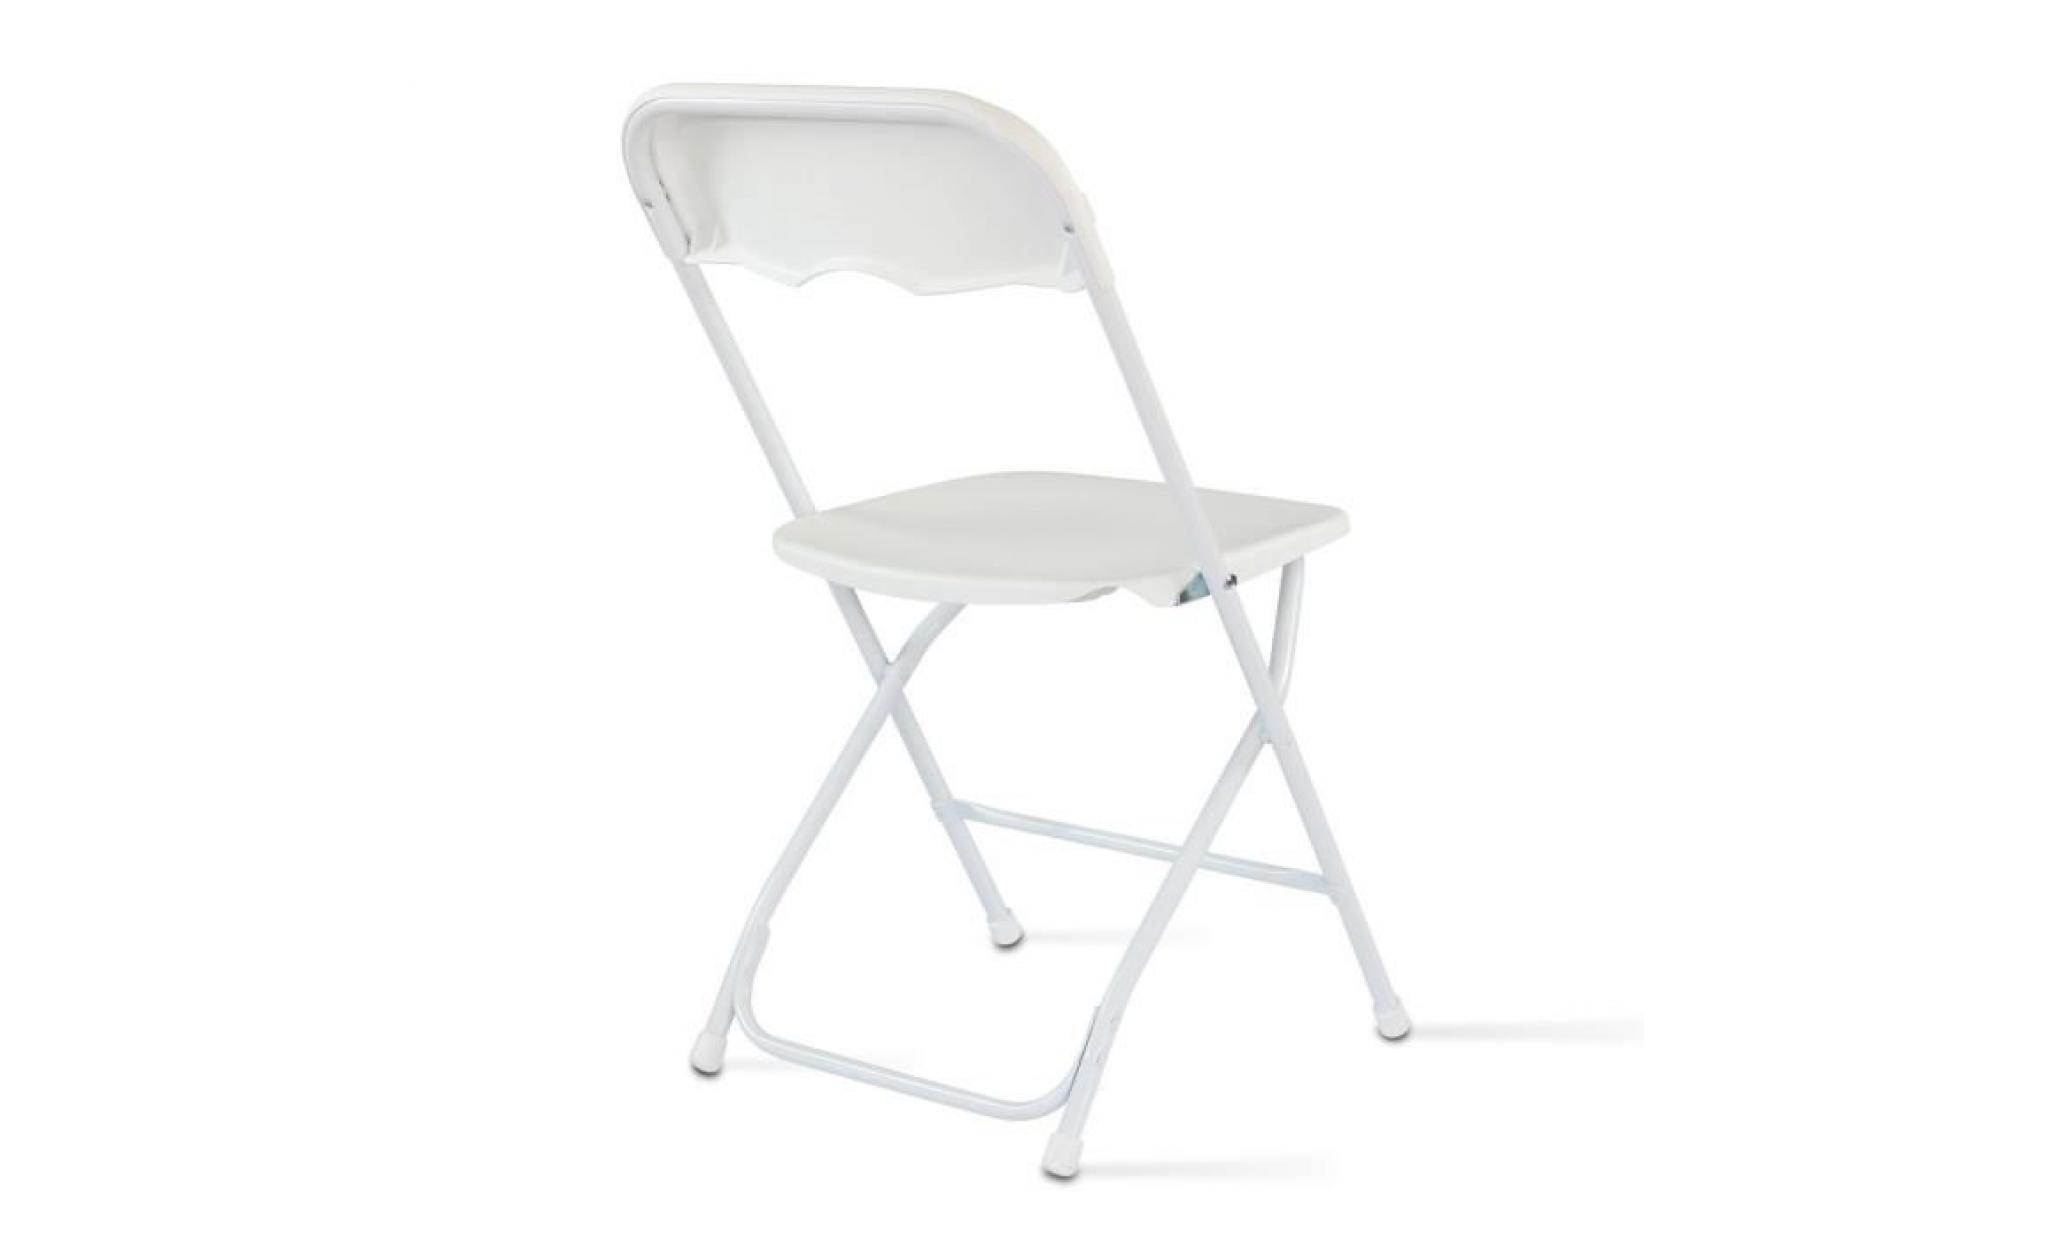 Chaise pliante de jardin blanche achat vente chaise de - Chaise jardin pliante plastique ...